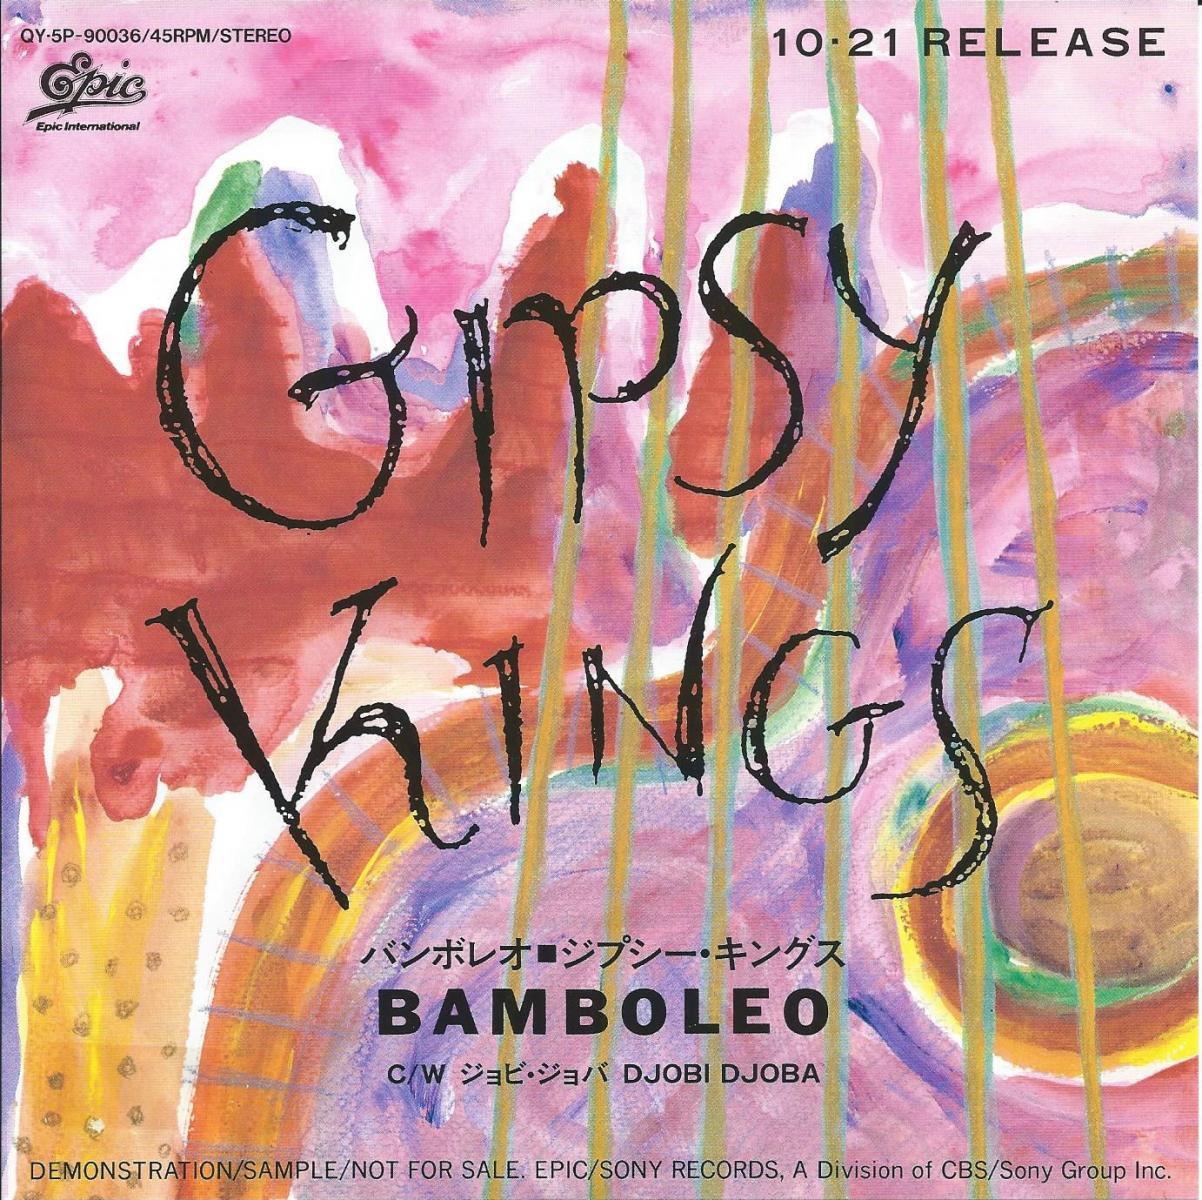 ジプシー・キングス GIPSY KINGS / バンボレオ BAMBOLEO / ジョビ・ジョバ DJOBI DJOBA (7